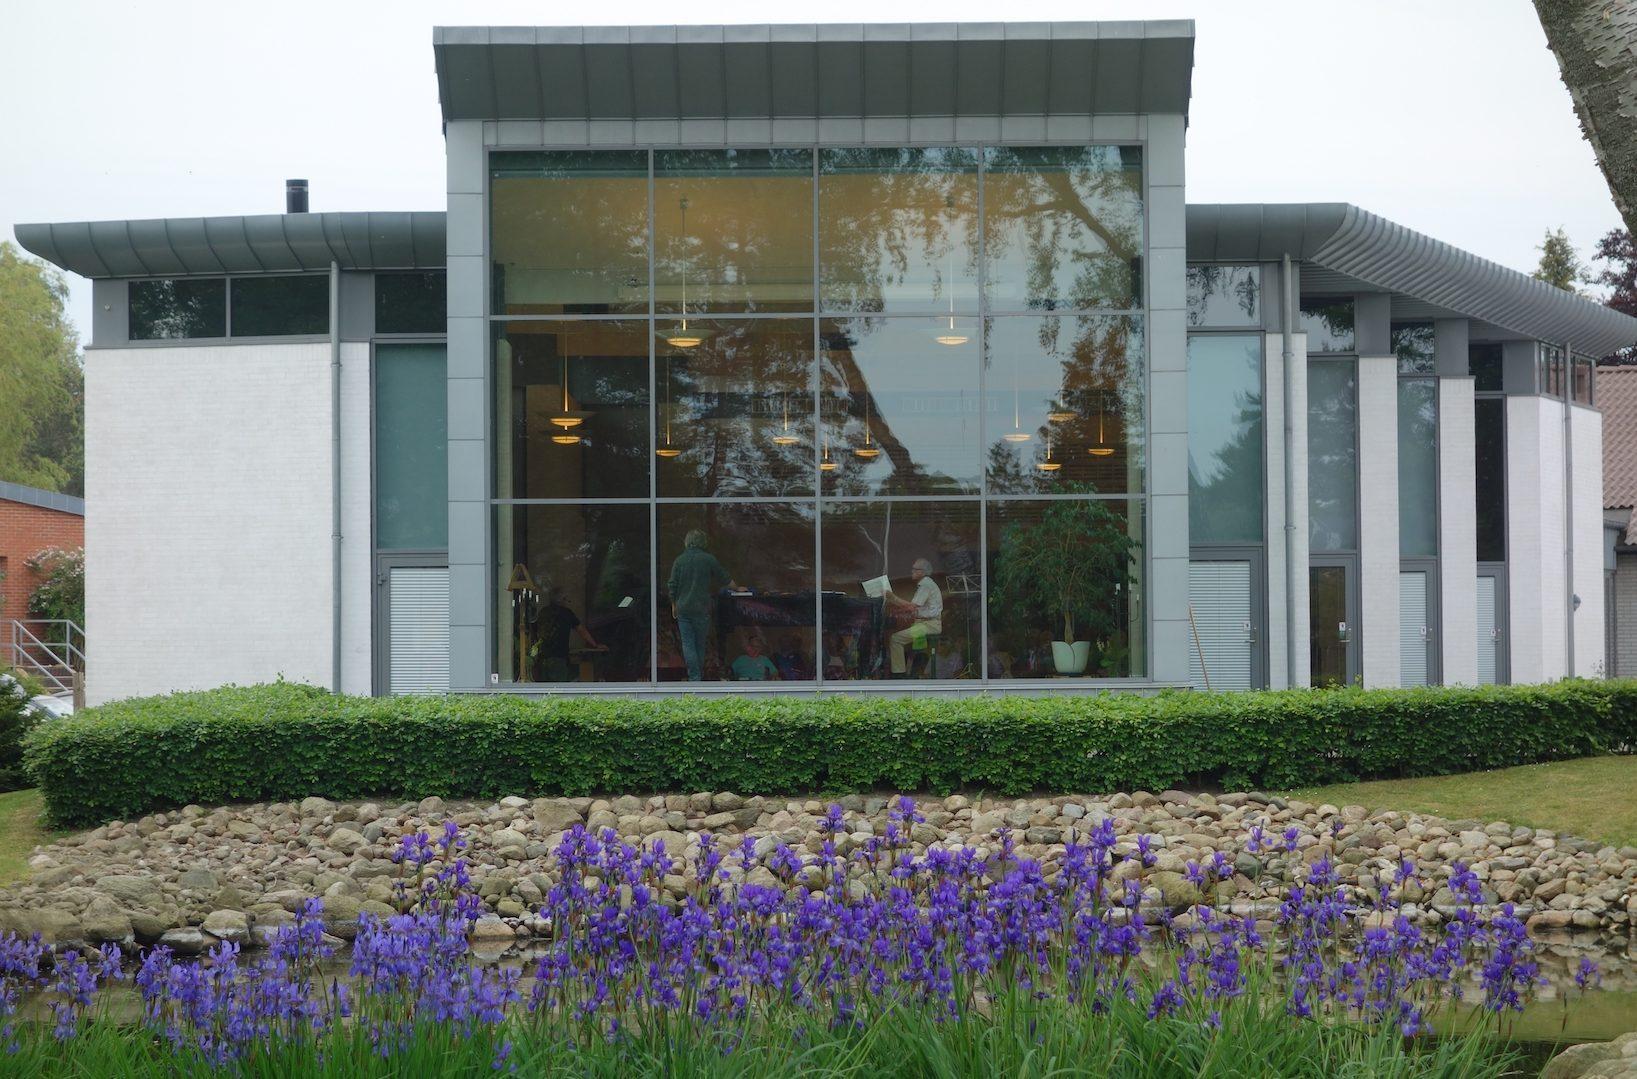 Højskolen Marielysts koncerthus hvori de afholder arrangementer, hvor billetsalget styres igennem Safetickets billetsystem.